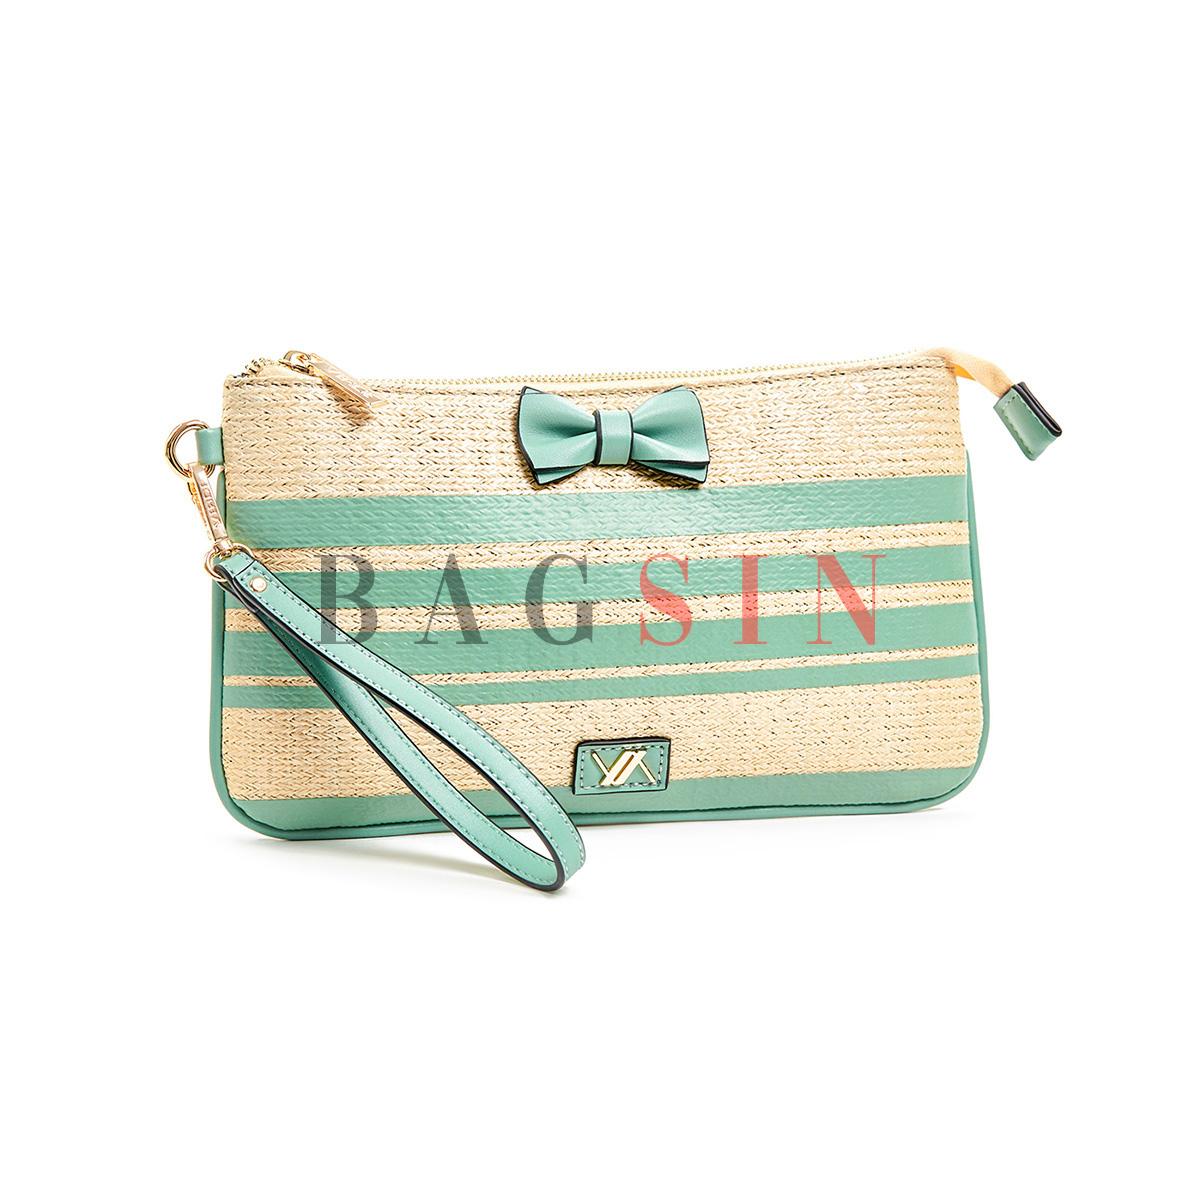 Τσάντα Χειρός – Φάκελος Ψάθινη Με Φιόγκο & Λαβή Verde 16-5969 Μπεζ-Τιρκουάζ